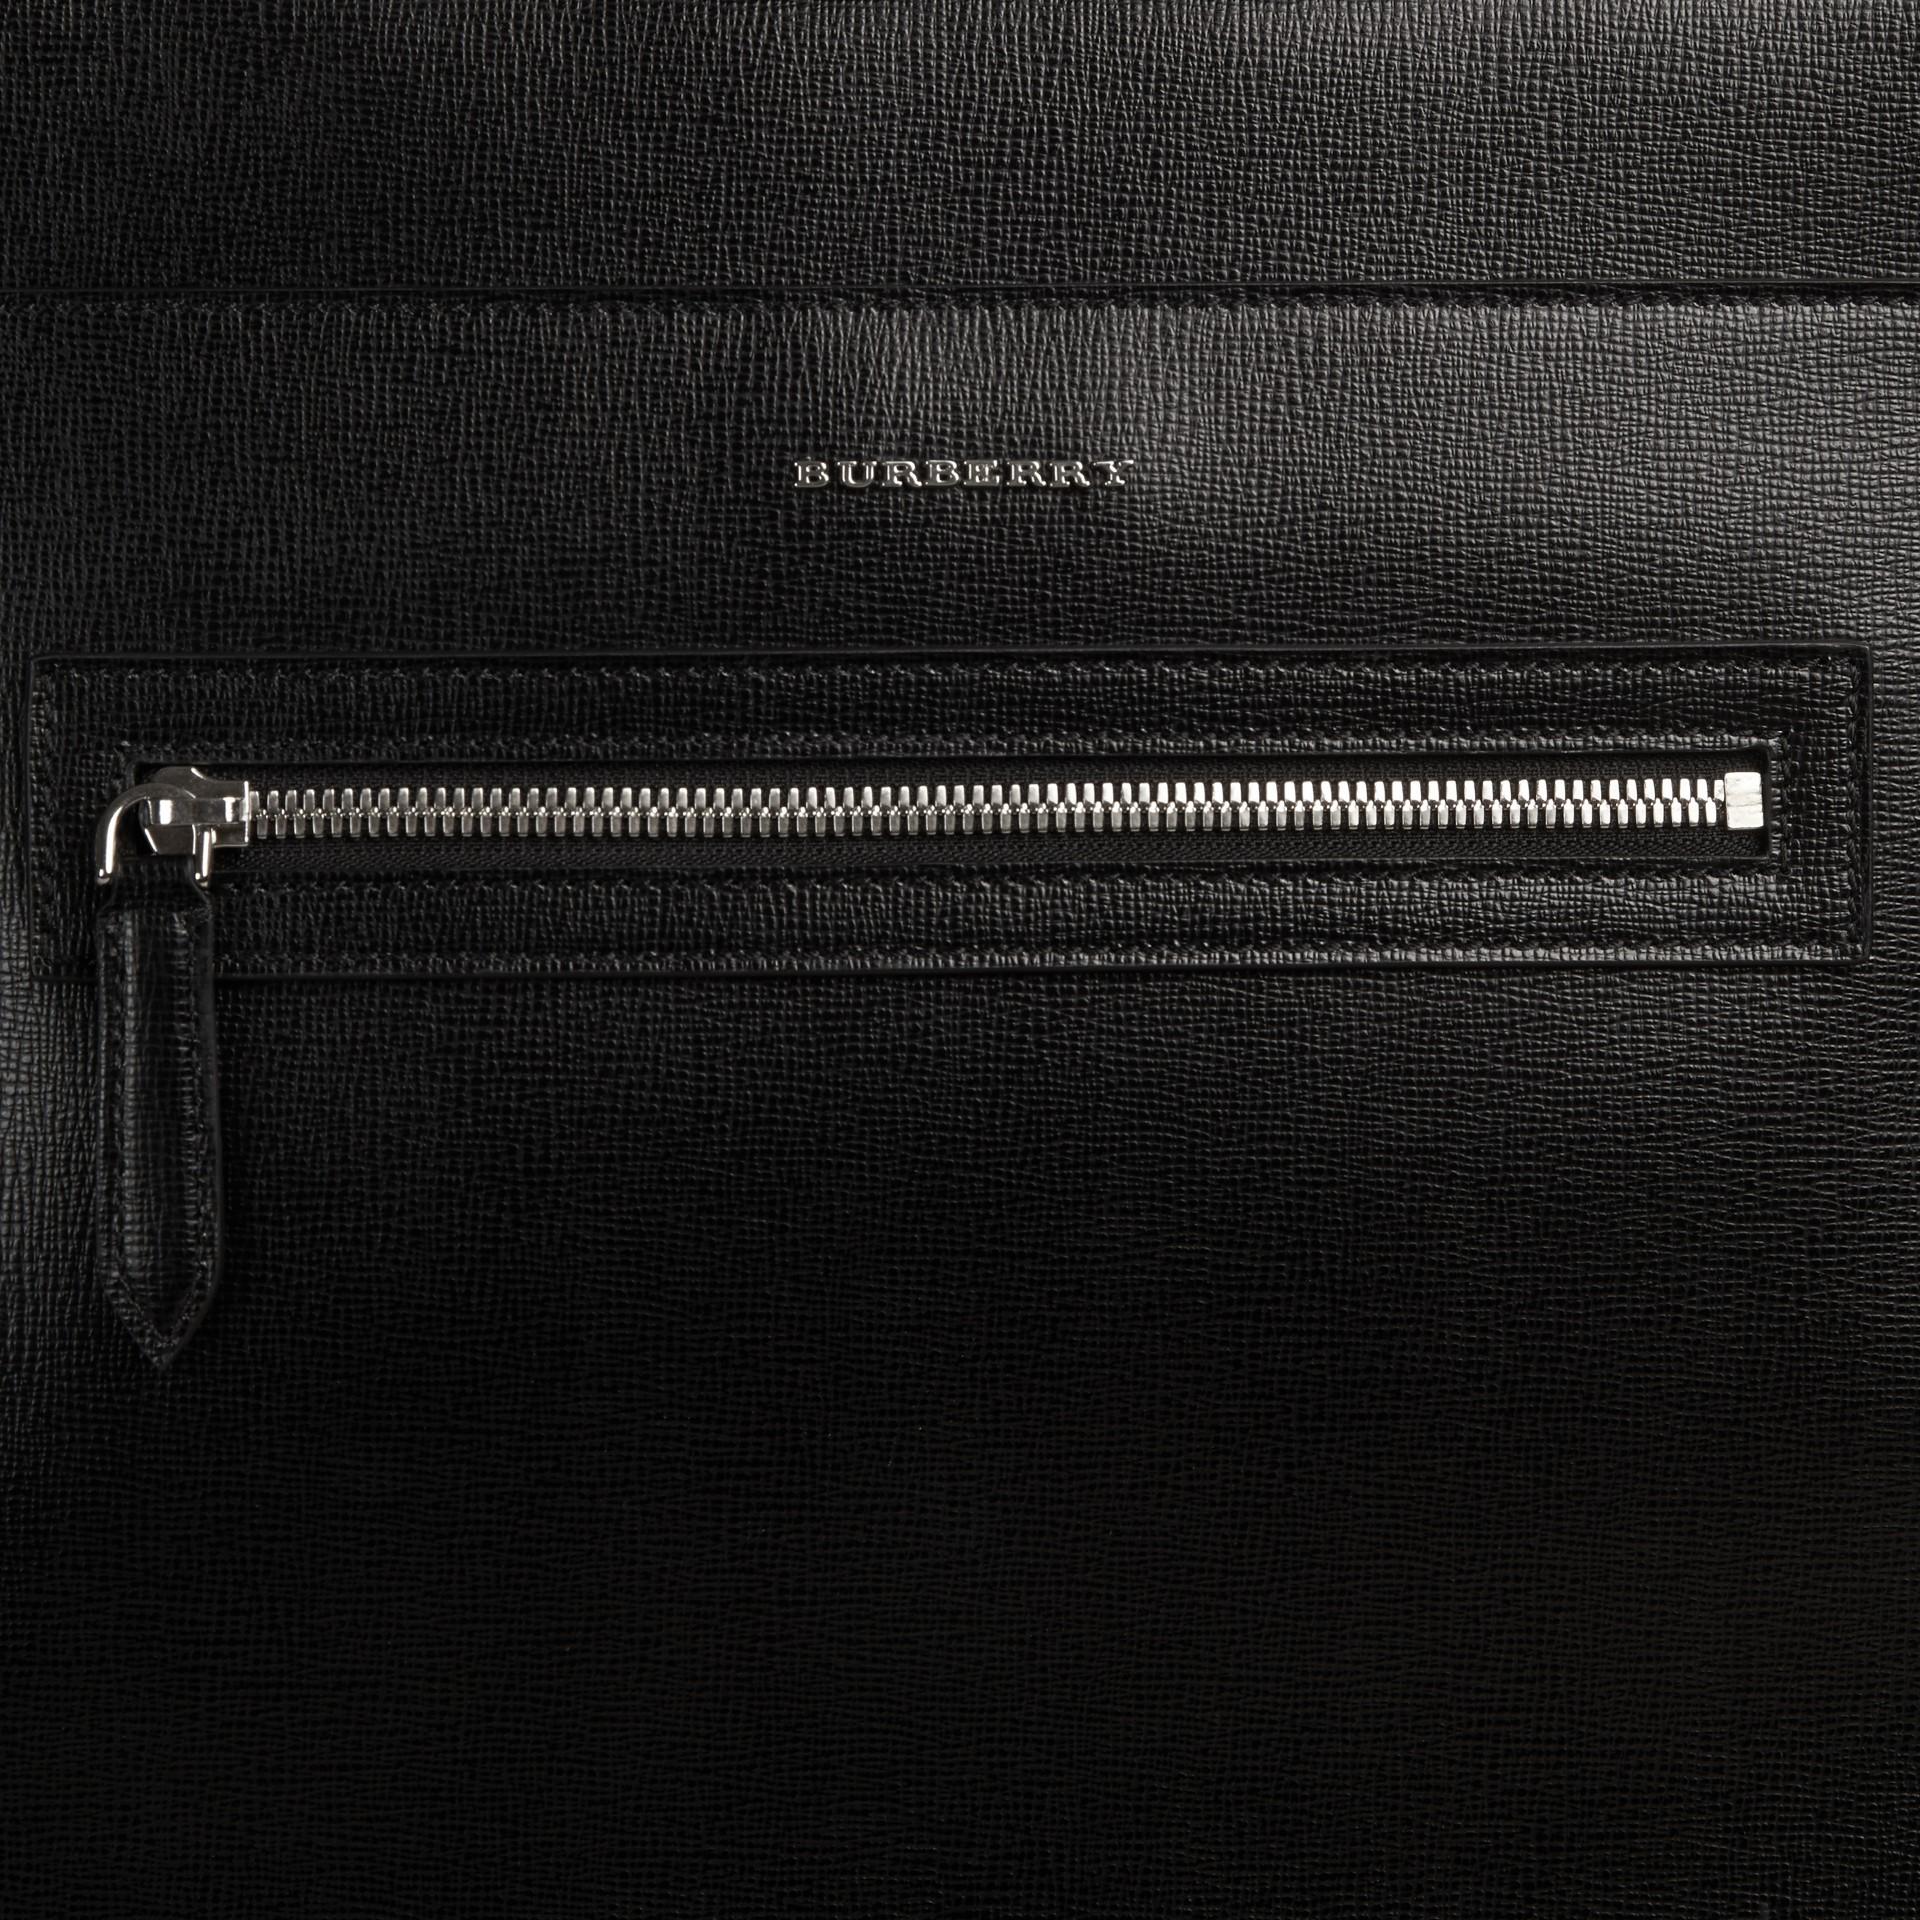 Noir Sac à dos en cuir texturé Noir - photo de la galerie 2